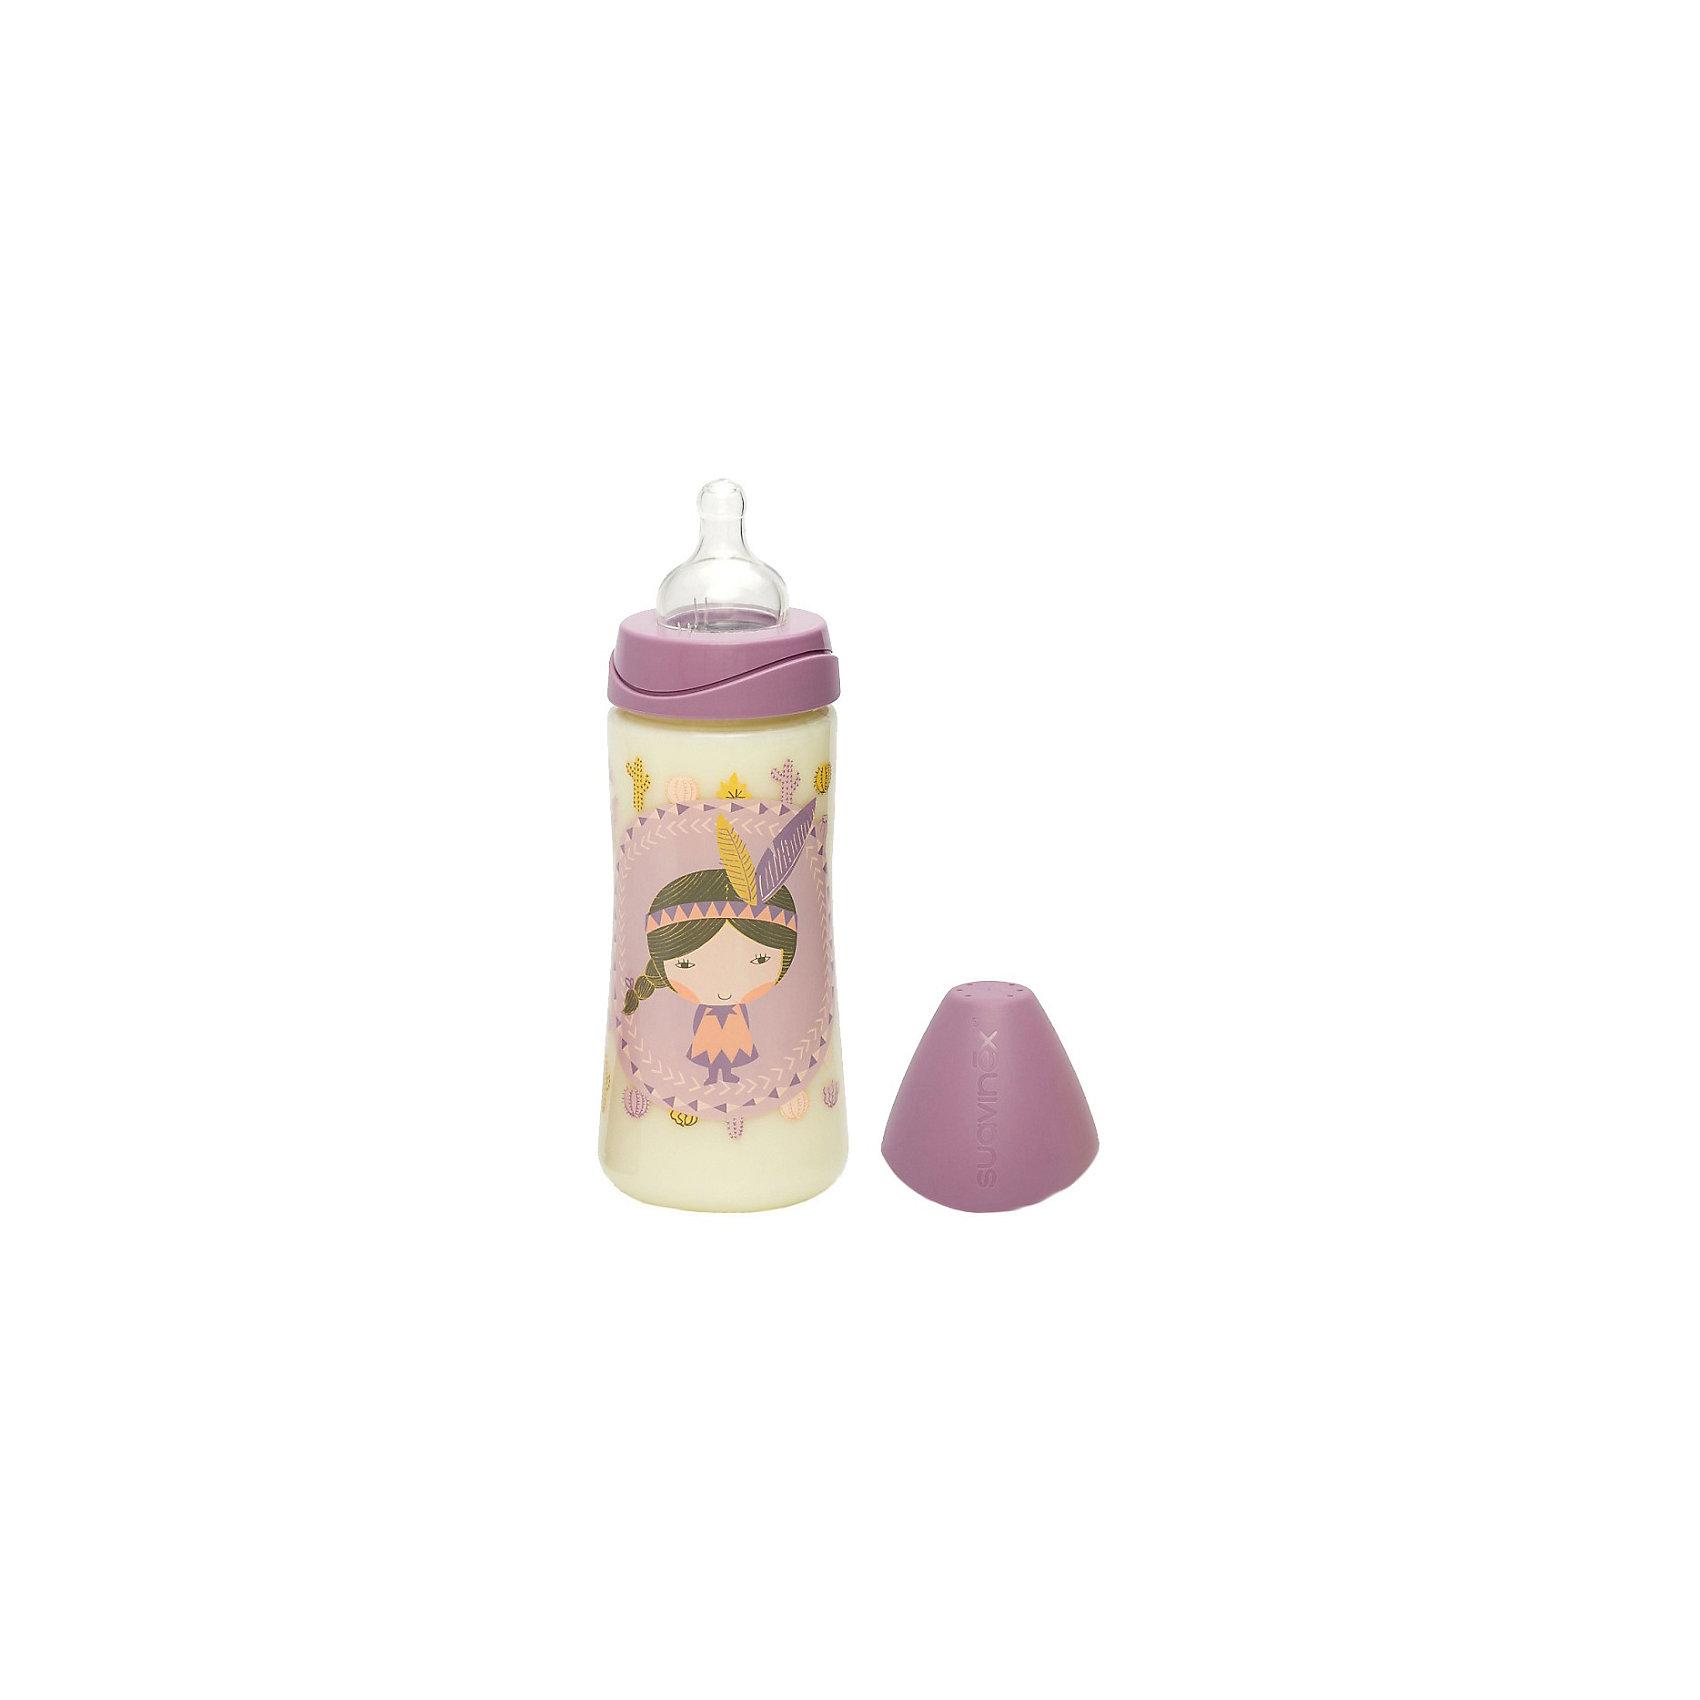 Бутылка для каш 360мл от 4мес., Suavinex, сиреневый индеецБутылочки и аксессуары<br>Характеристики:<br><br>• Наименование: бутылка для каш<br>• Рекомендуемый возраст: от 4 месяцев<br>• Пол: для девочки<br>• Объем: 360 мл<br>• Материал: силикон, пластик<br>• Цвет: сиреневый, желтый, бежевый<br>• Рисунок: индеец<br>• Форма соски: круглая<br>• Поток у соски: быстрый<br>• Комплектация: бутылочка, соска, колпачок<br>• Наличие антиколикового клапана<br>• Горлышко бутылки адаптировано под любую форму соски данного производителя<br>• Вес: 108 г<br>• Параметры (Д*Ш*В): 7*7*20 см <br>• Особенности ухода: регулярная стерилизация и своевременная замена<br><br>Бутылка для каш 360 мл от 4 мес., Suavinex, сиреневый индеец  изготовлена испанским торговым брендом, специализирующимся на выпуске товаров для кормления новорожденных и младенцев. Продукция от Suavinex разработана с учетом рекомендаций педиатров и стоматологов, что гарантирует не только качество и безопасность использованных материалов, но и обеспечивает правильное формирование неба. <br><br>Бутылочка выполнена с широким горлышком, что облегчает уход за ней. Силиконовая соска классической круглой формы длительное время сохраняет свои свойства: не рассасывается и не слипается во время кормления. <br><br>Бутылка для каш 360мл от 4мес., Suavinex, бирюзовый индеец  выполнена в брендовом дизайне с изображением индейской девочки. Рисунок устойчив к появлениям царапин и выгоранию цвета даже при частой стерилизации. Бутылка для каш 360 мл от 4 мес., Suavinex, сиреневый индеец станет непревзойденным аксессуаром для кормления вашего малыша.<br><br>Бутылку для каш 360 мл от 4 мес., Suavinex, сиреневый индеец  можно купить в нашем интернет-магазине.<br><br>Ширина мм: 70<br>Глубина мм: 70<br>Высота мм: 200<br>Вес г: 108<br>Возраст от месяцев: 4<br>Возраст до месяцев: 24<br>Пол: Женский<br>Возраст: Детский<br>SKU: 5451282